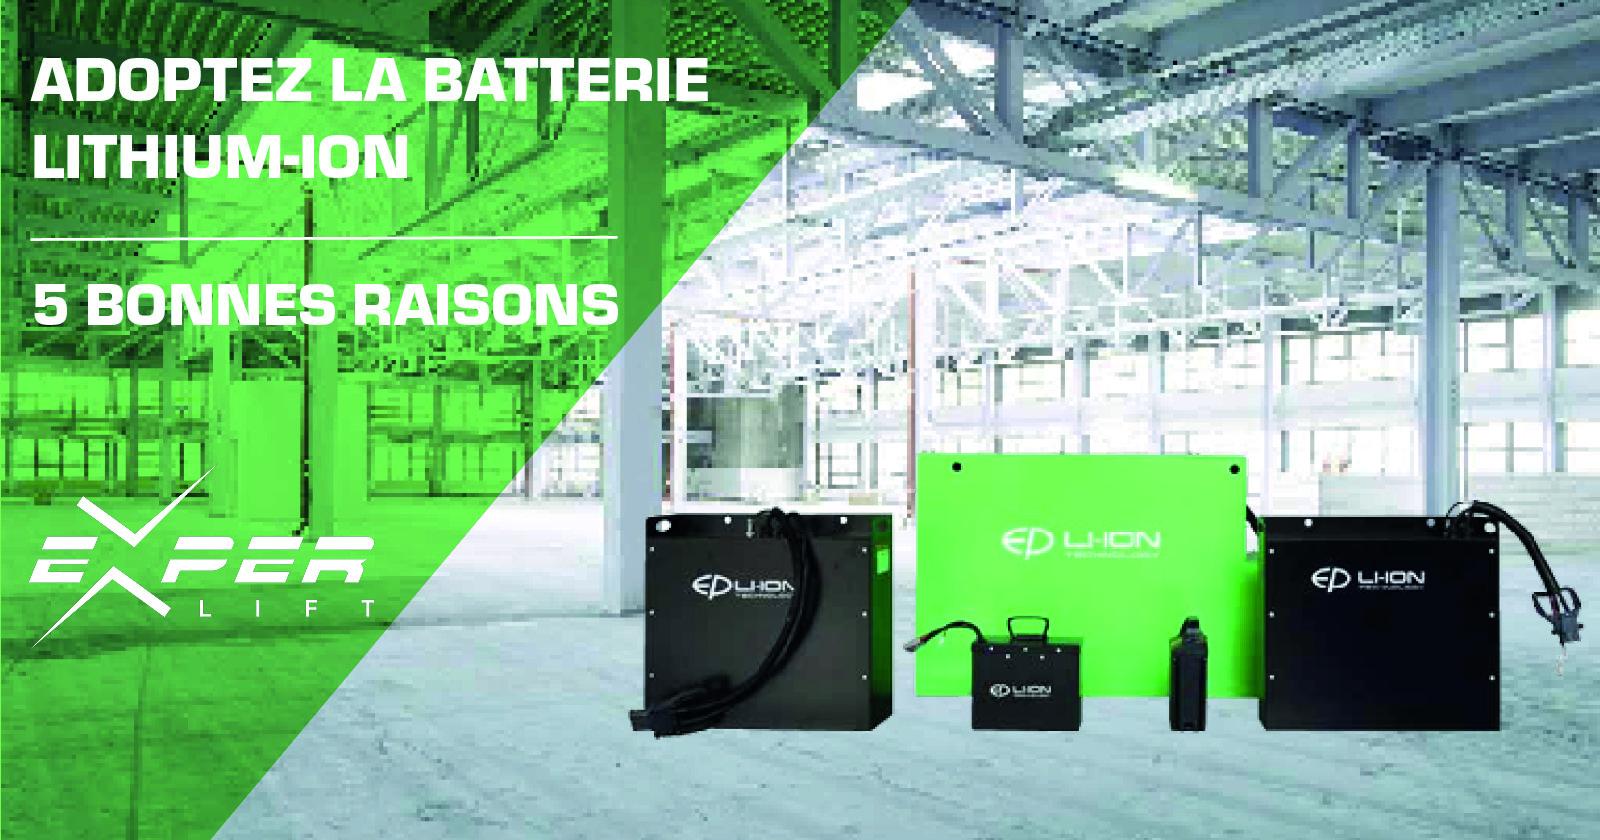 5 bonnes raisons de vous équiper de la batterie Lithium-Ion  & augmenter votre productivité